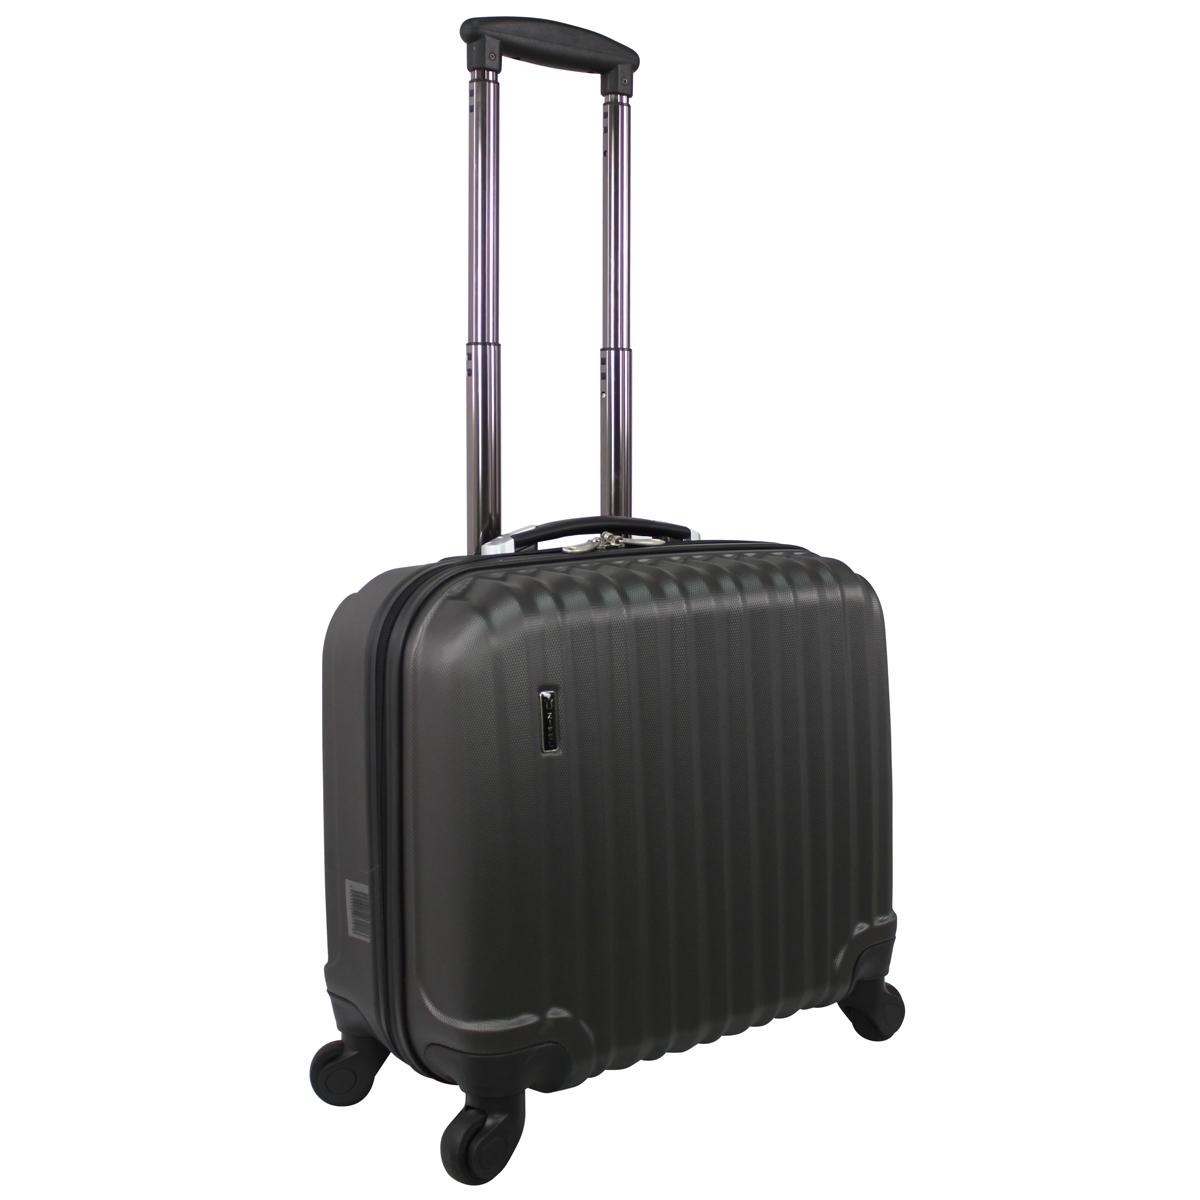 Mini valise bagage cabine pas cher - Valise cabine pas cher leclerc ...